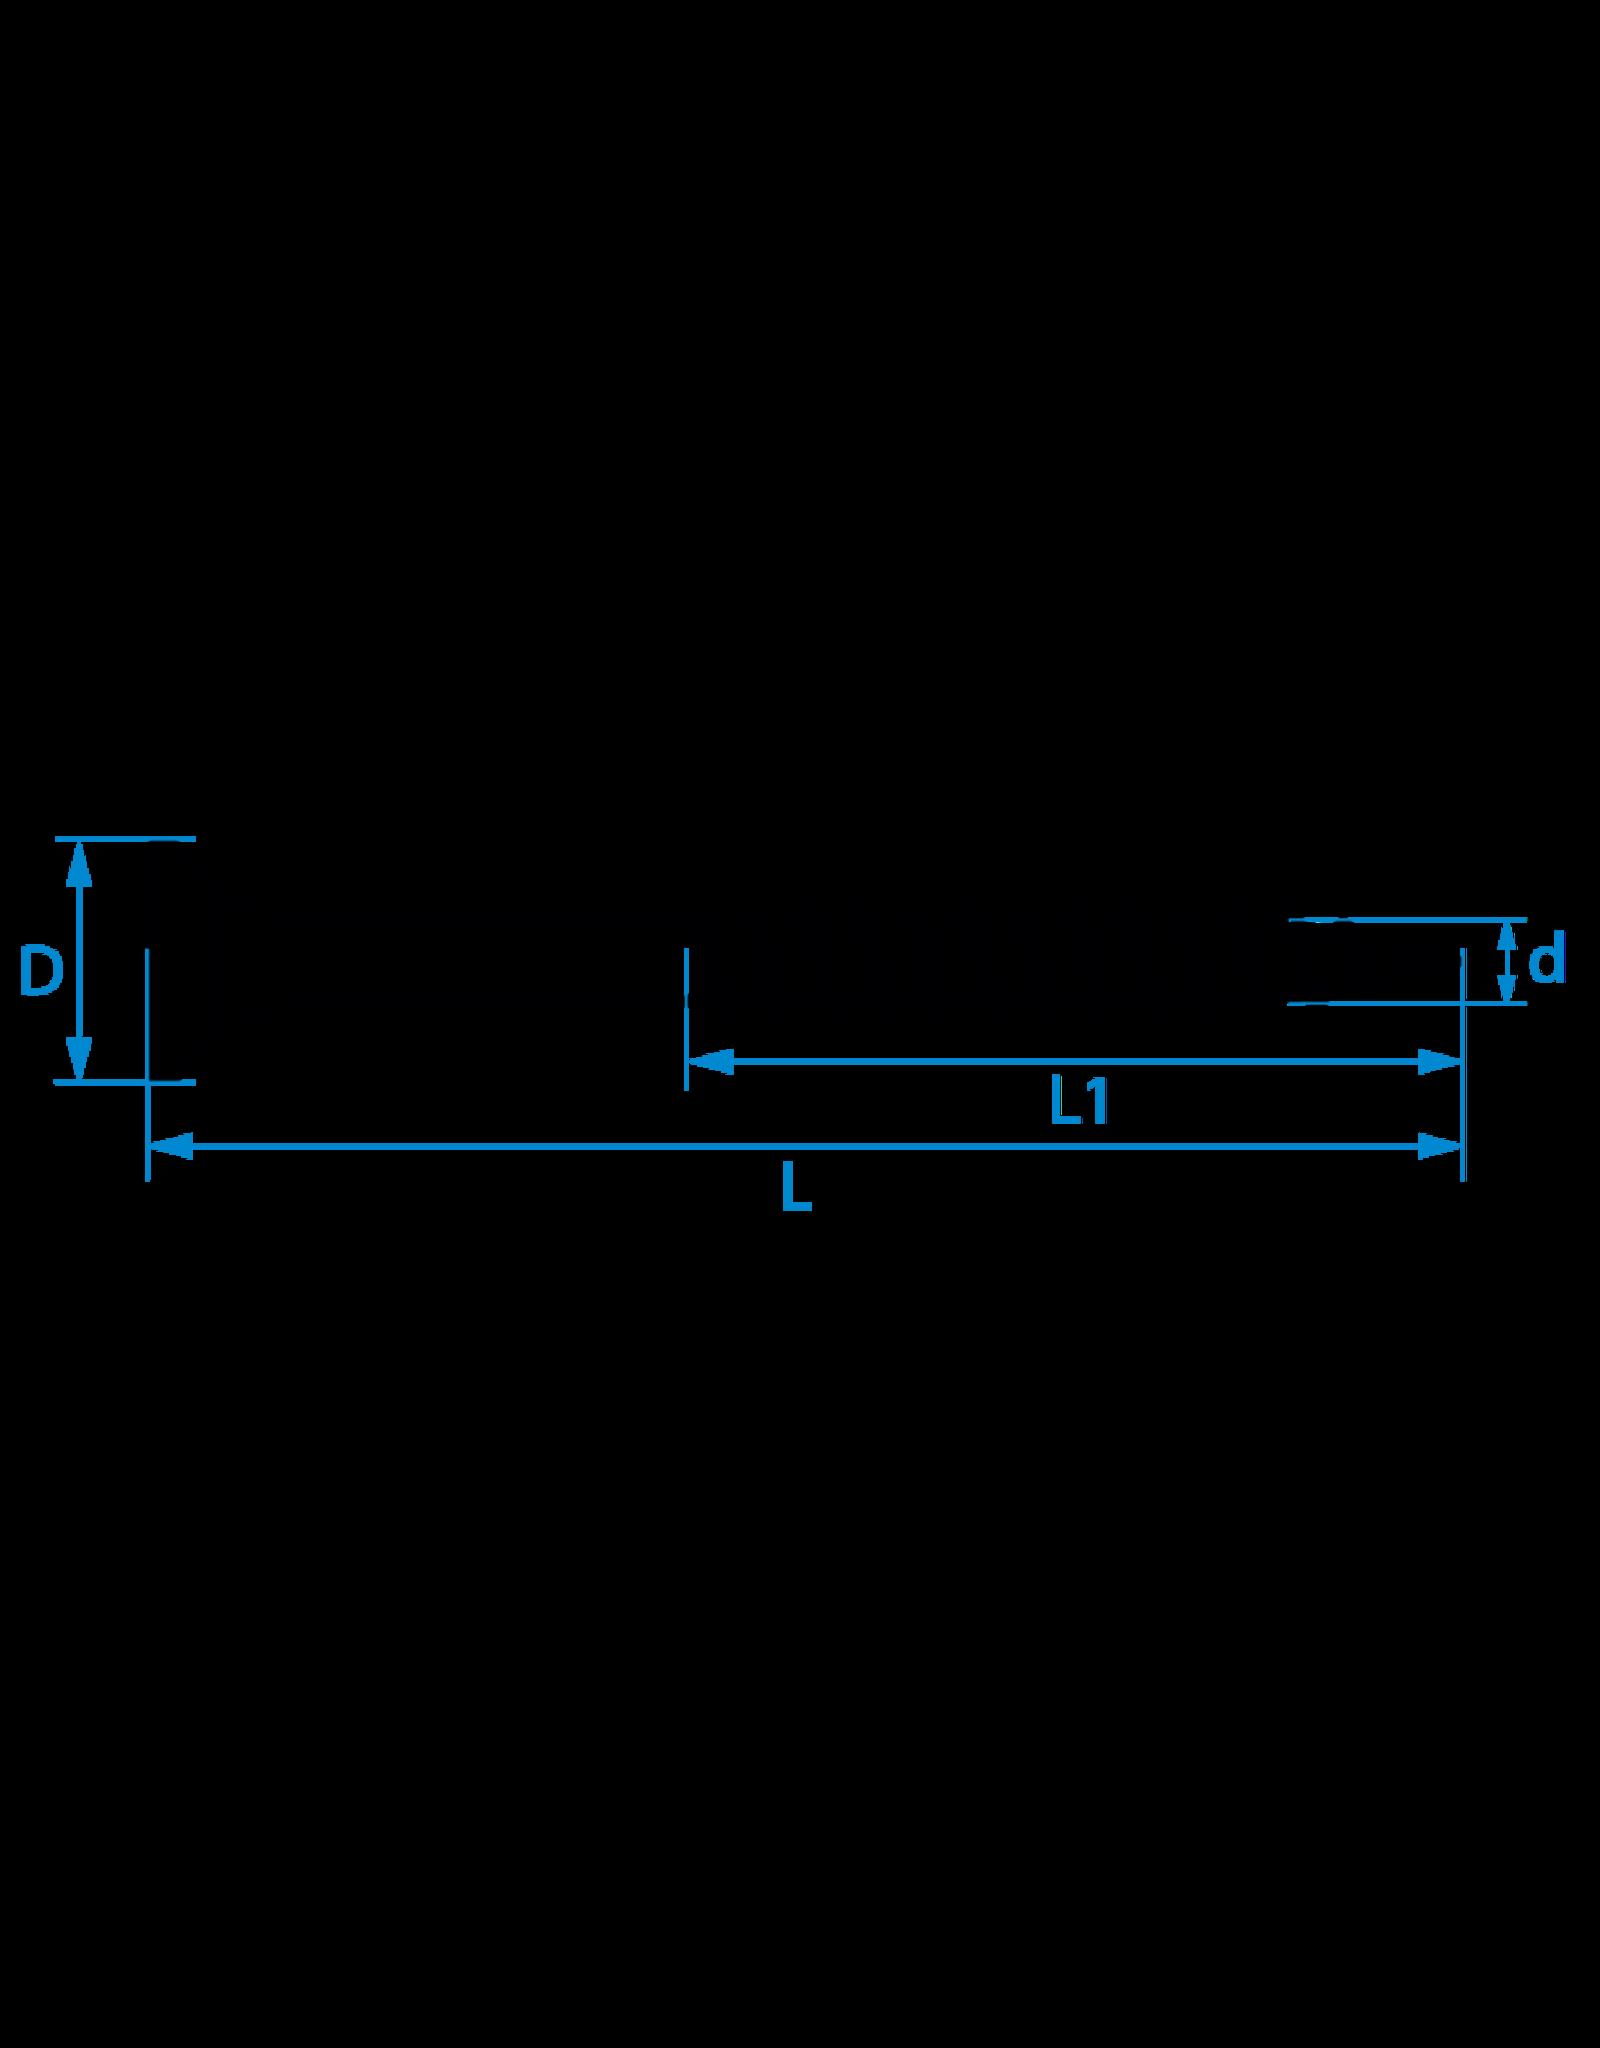 Spaanplaatschroeven platkop deeldraad 6.0x200/70 TX-30 staal gehard verzinkt per 100 stuks